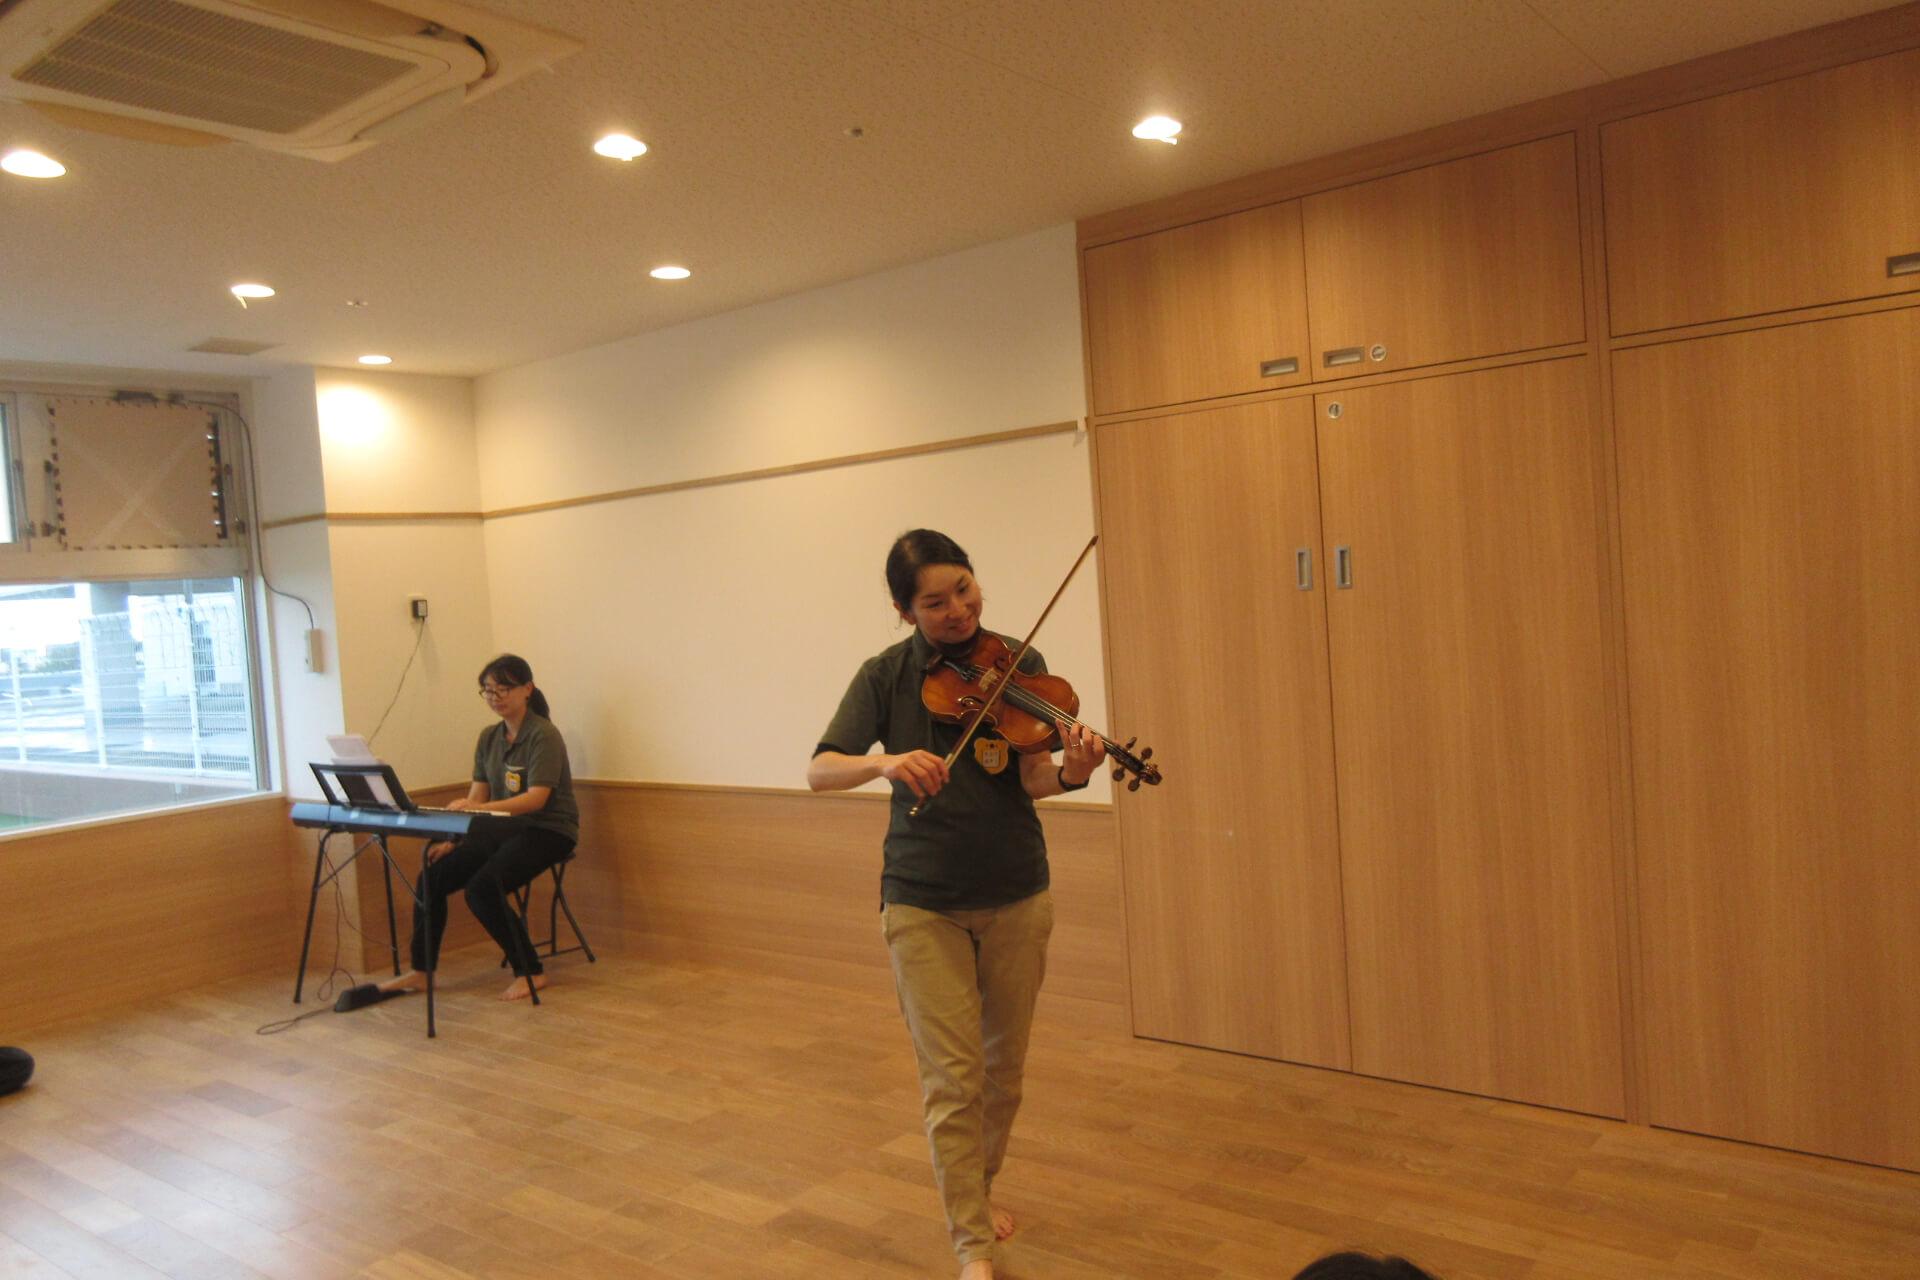 楽器を演奏する職員